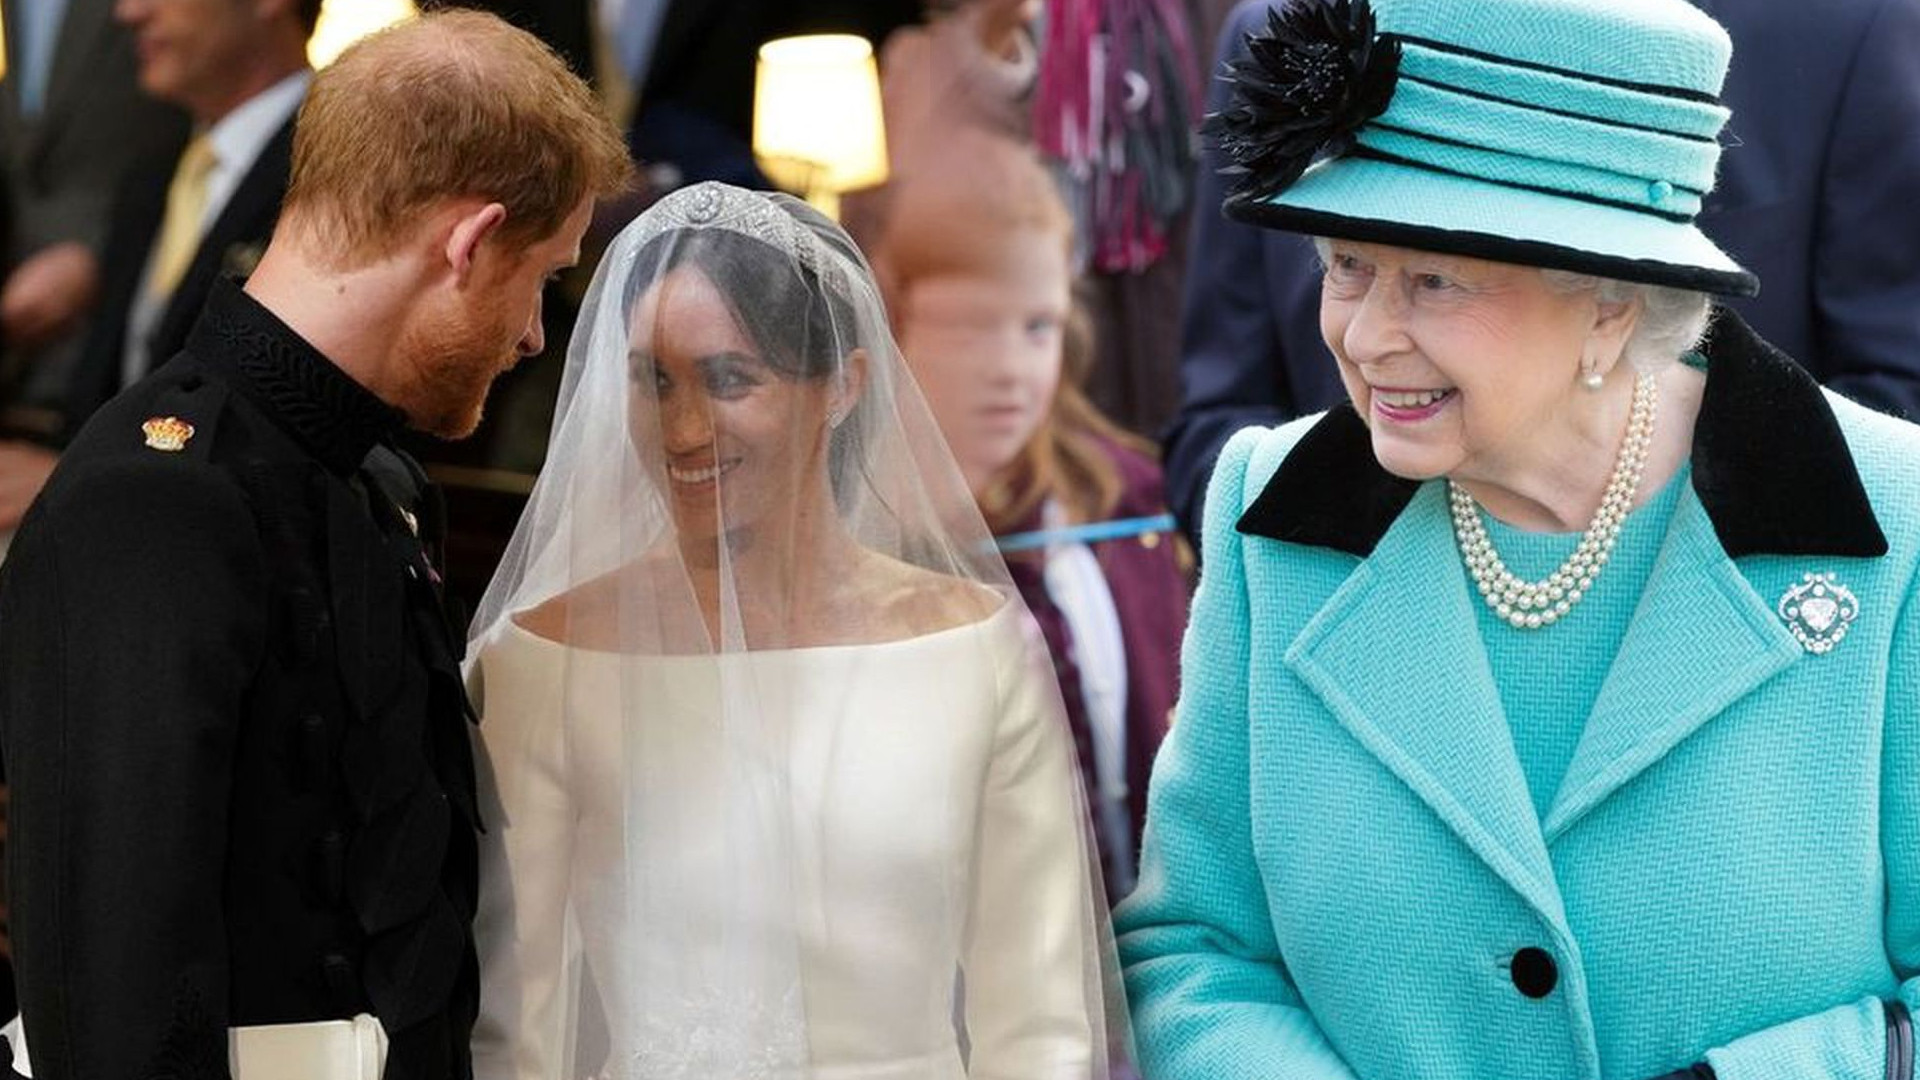 Królowa Elżbieta była ZASKOCZONA tym, że Meghan założyła BIAŁĄ suknię ślubną